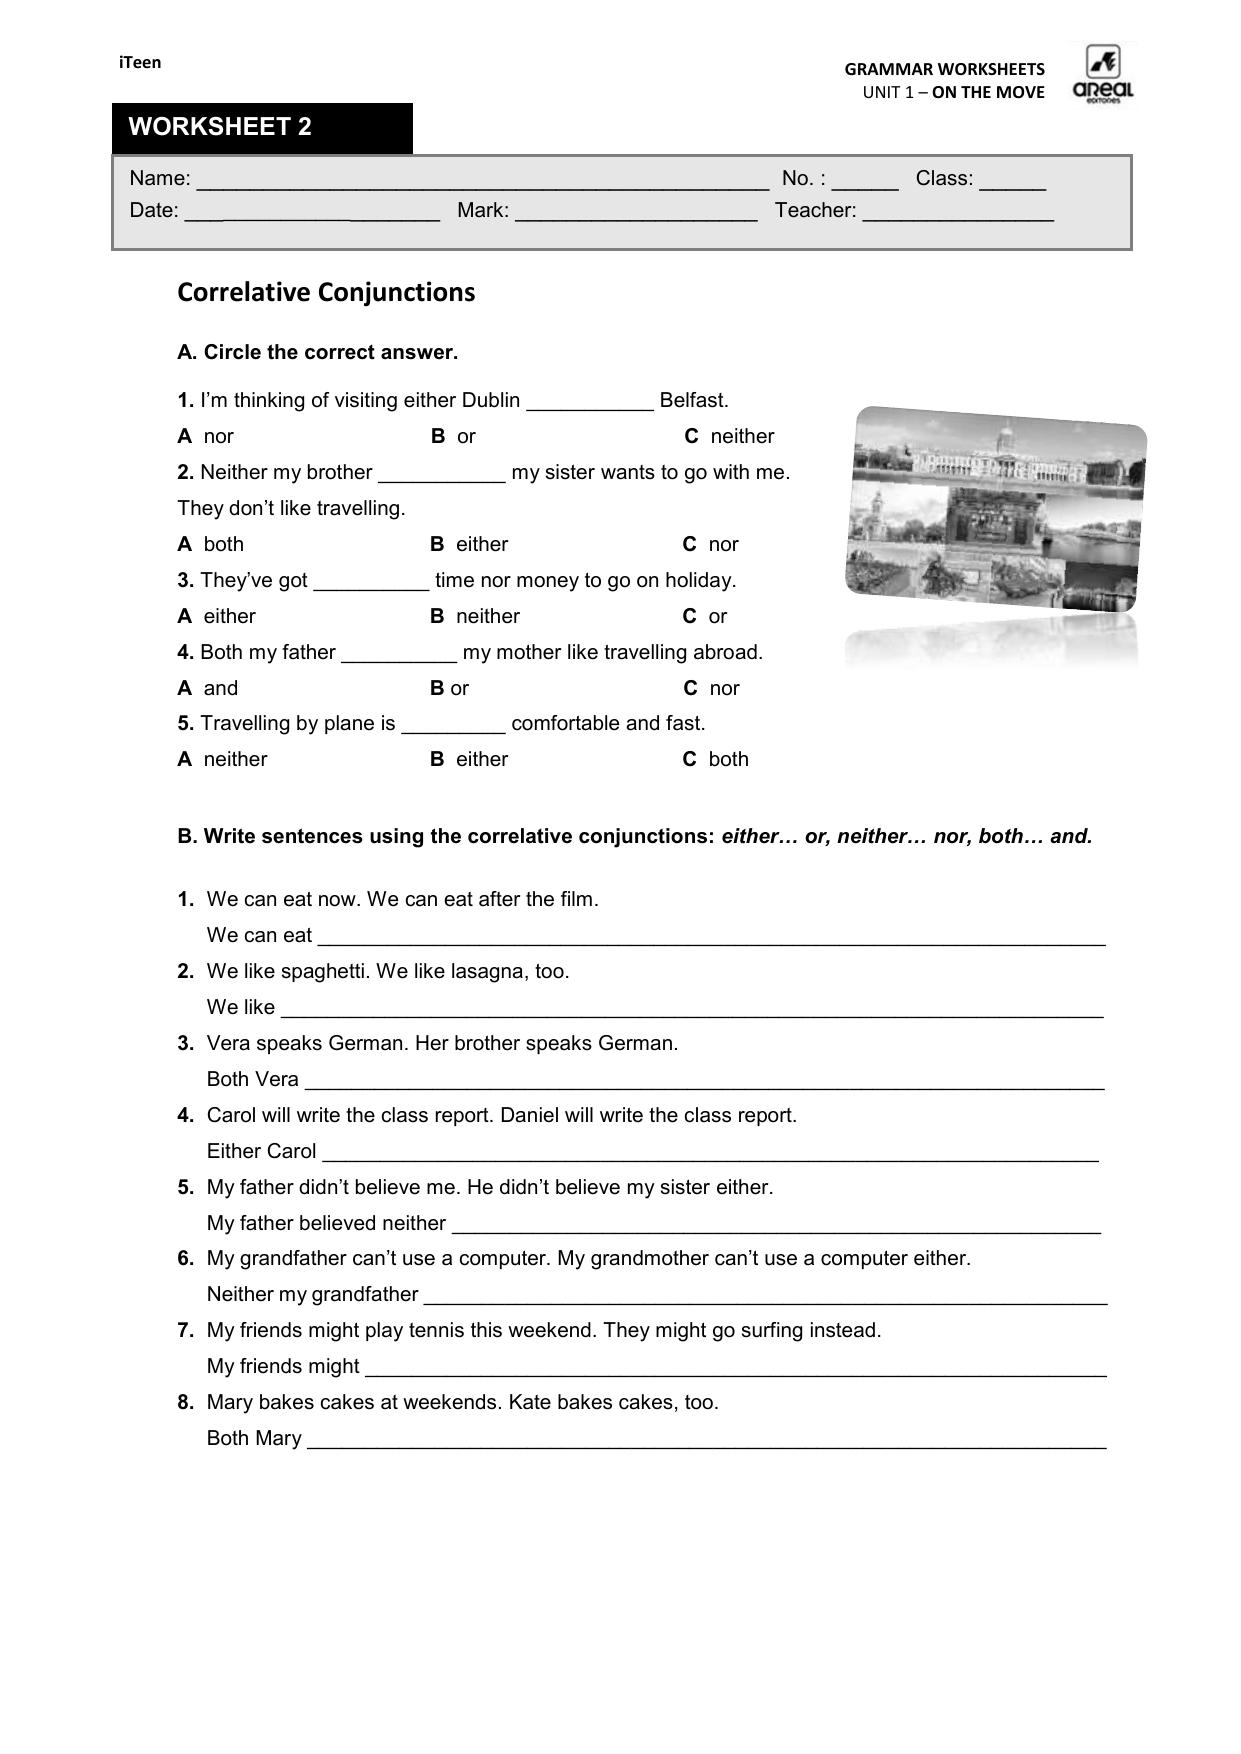 Worksheet Grammar